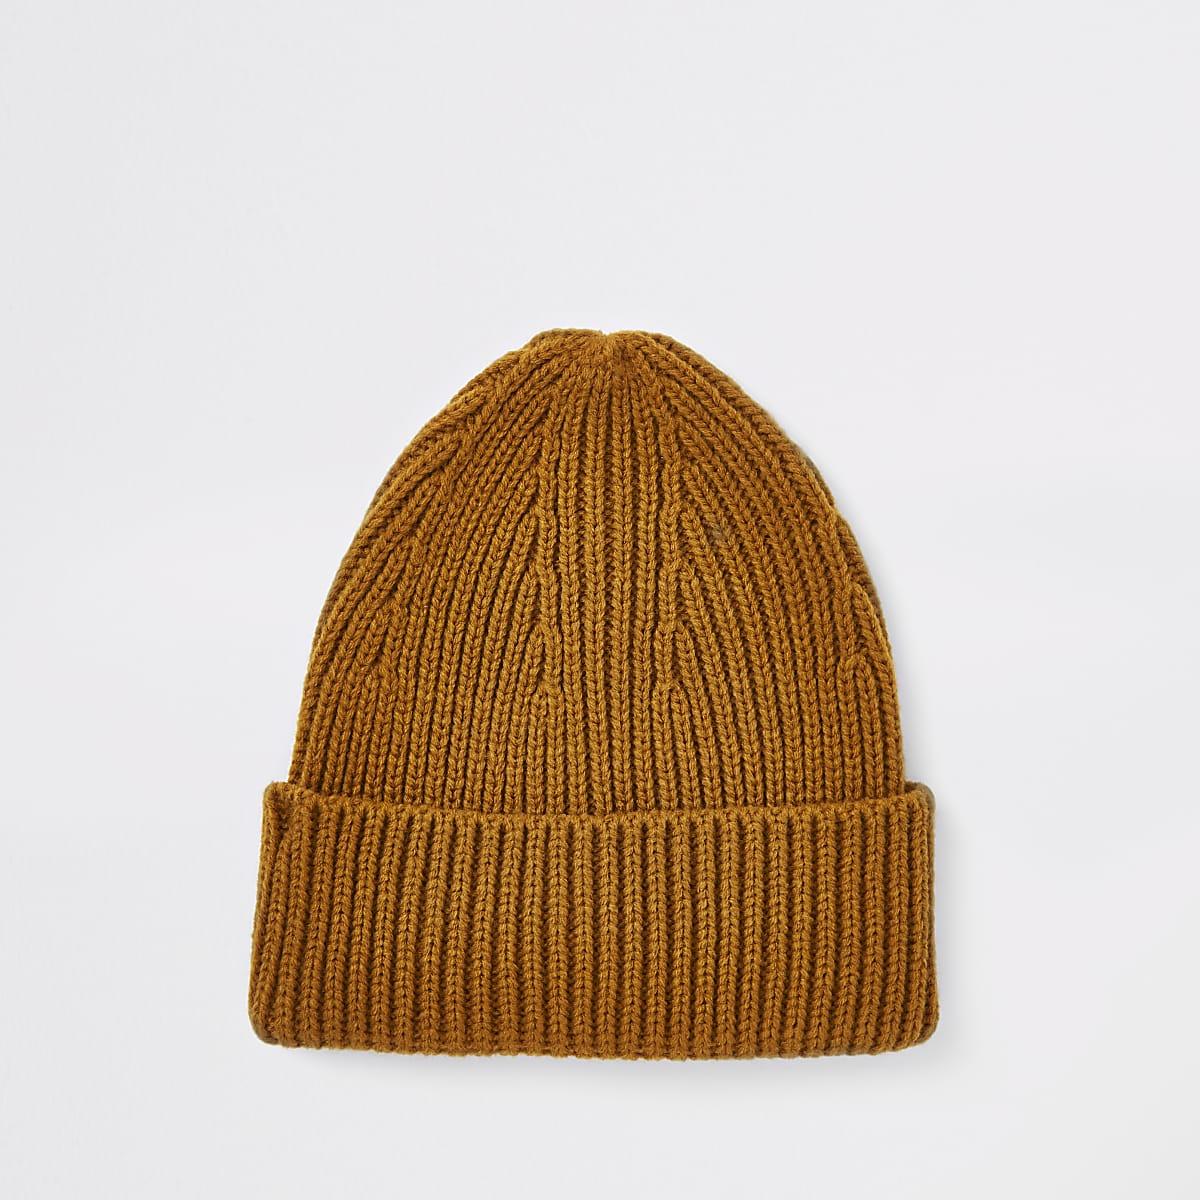 Yellow fisherman beanie hat